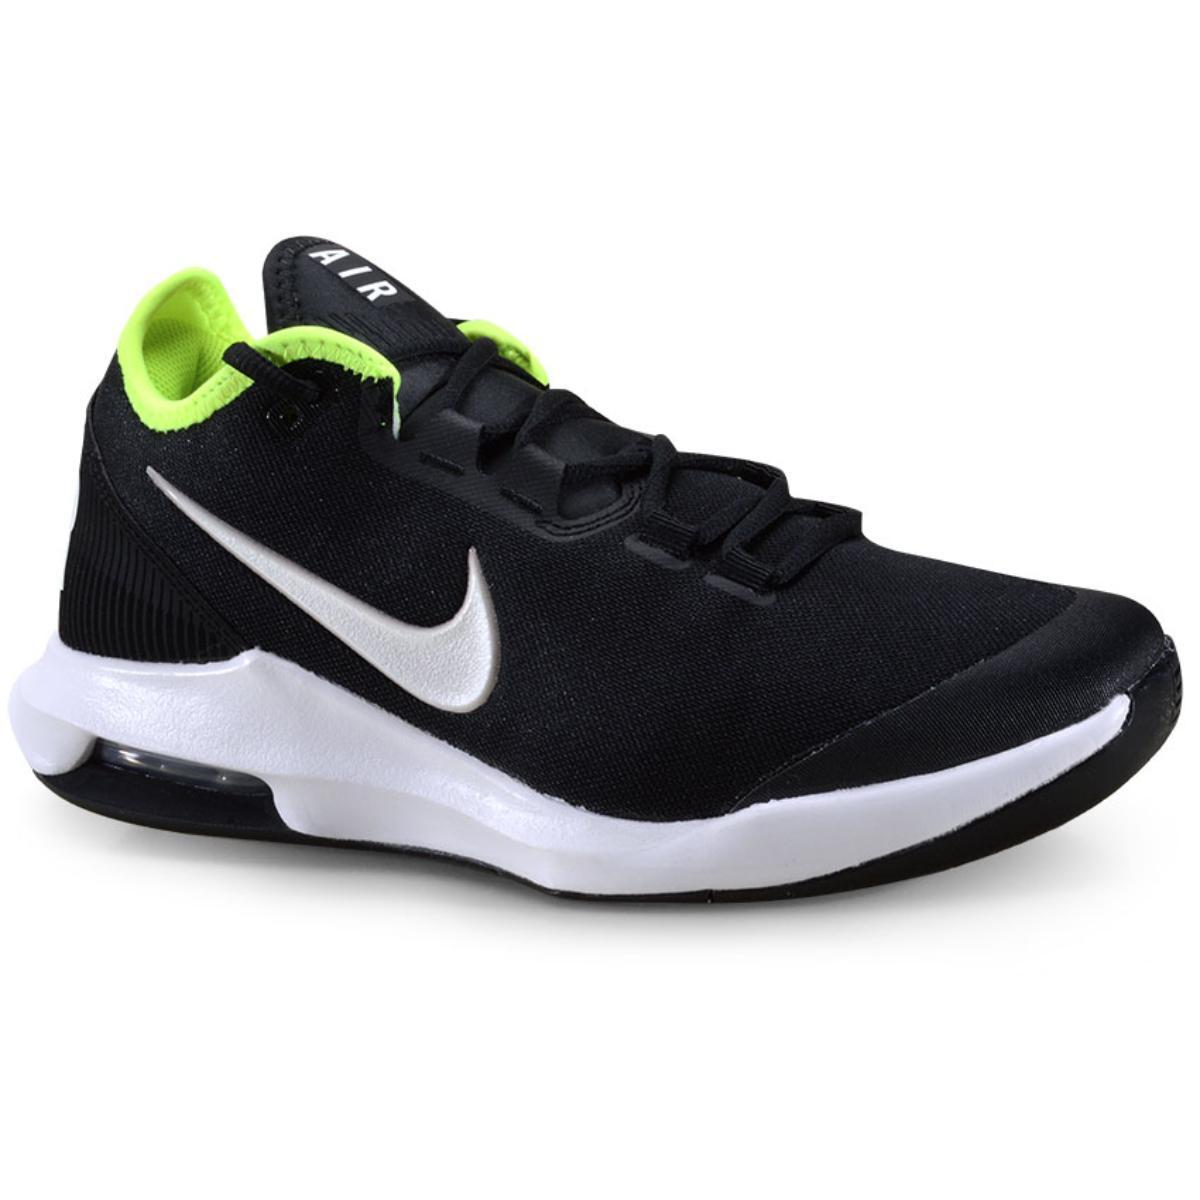 Tênis Masculino Nike Ao7351-007 Air Max Wildcard Preto/limão